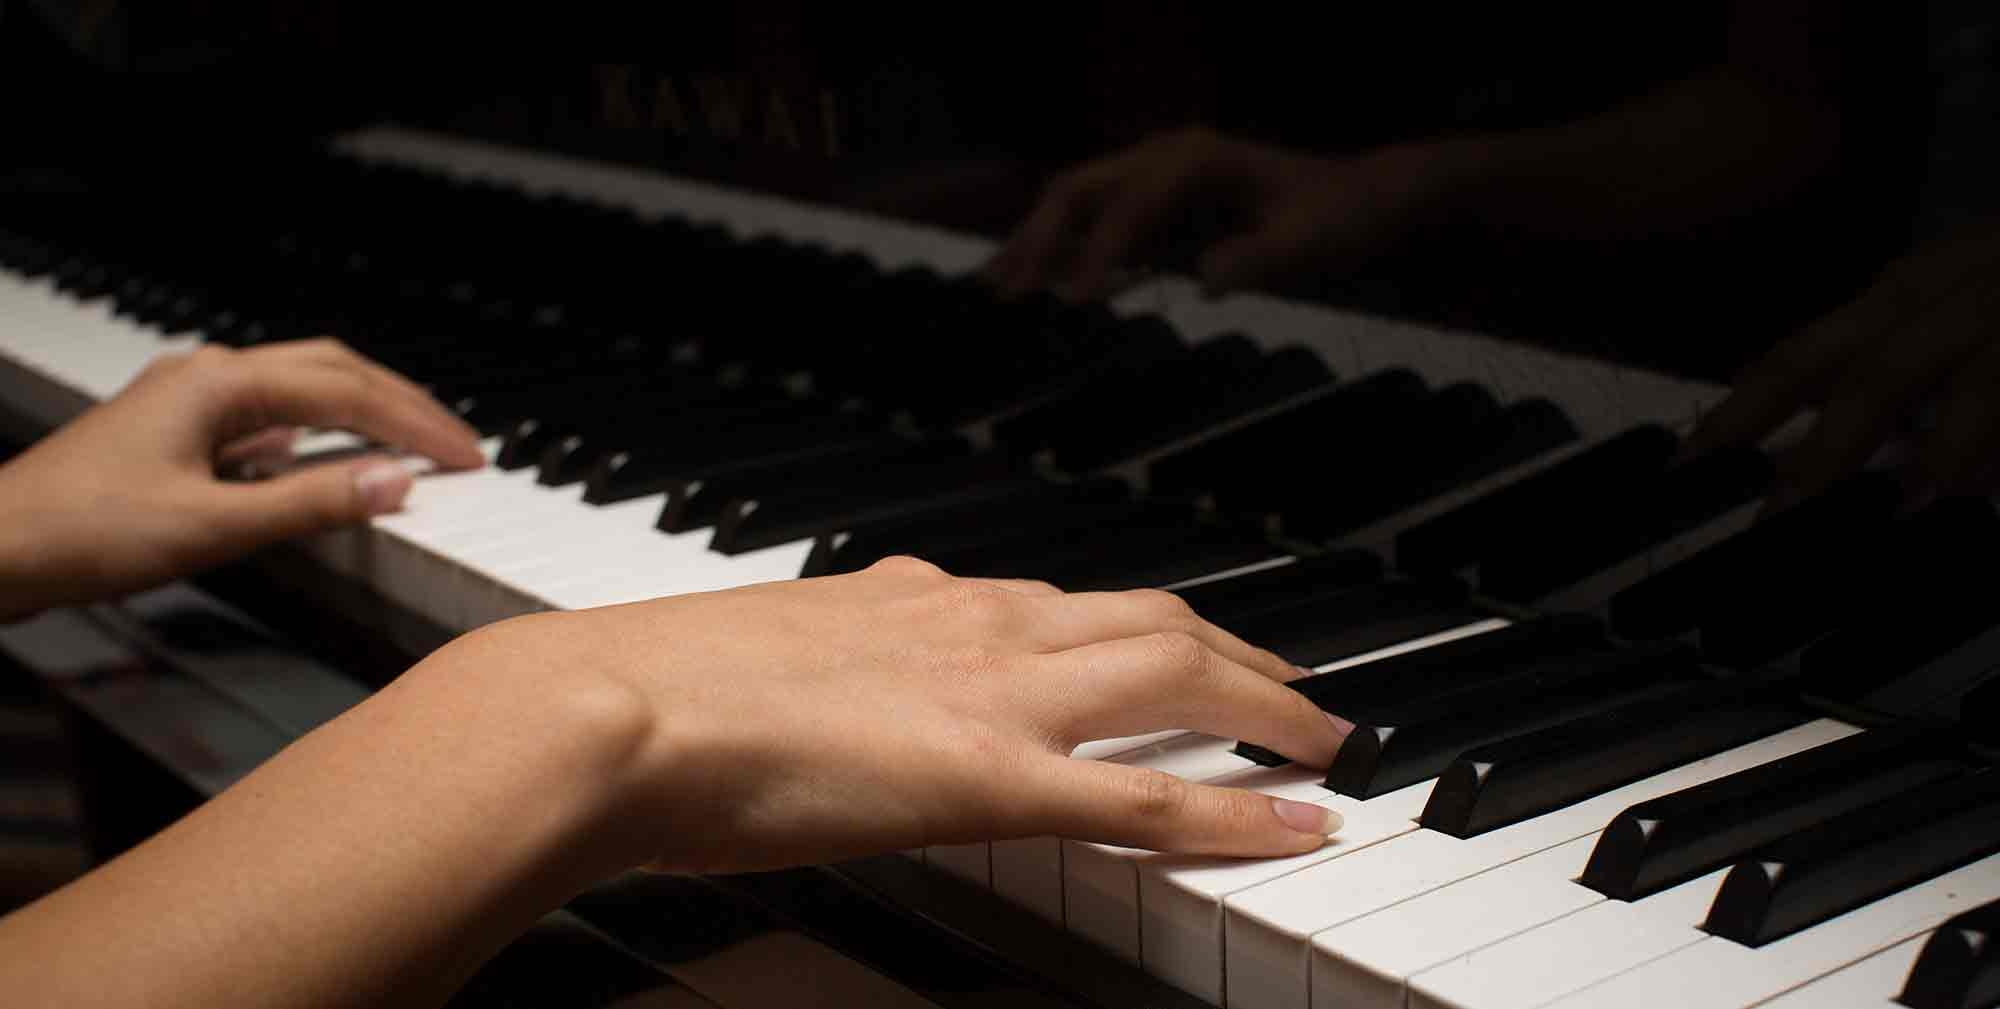 Piano Berretz - Meisterwerkstätte & Klavierfachgeschäft